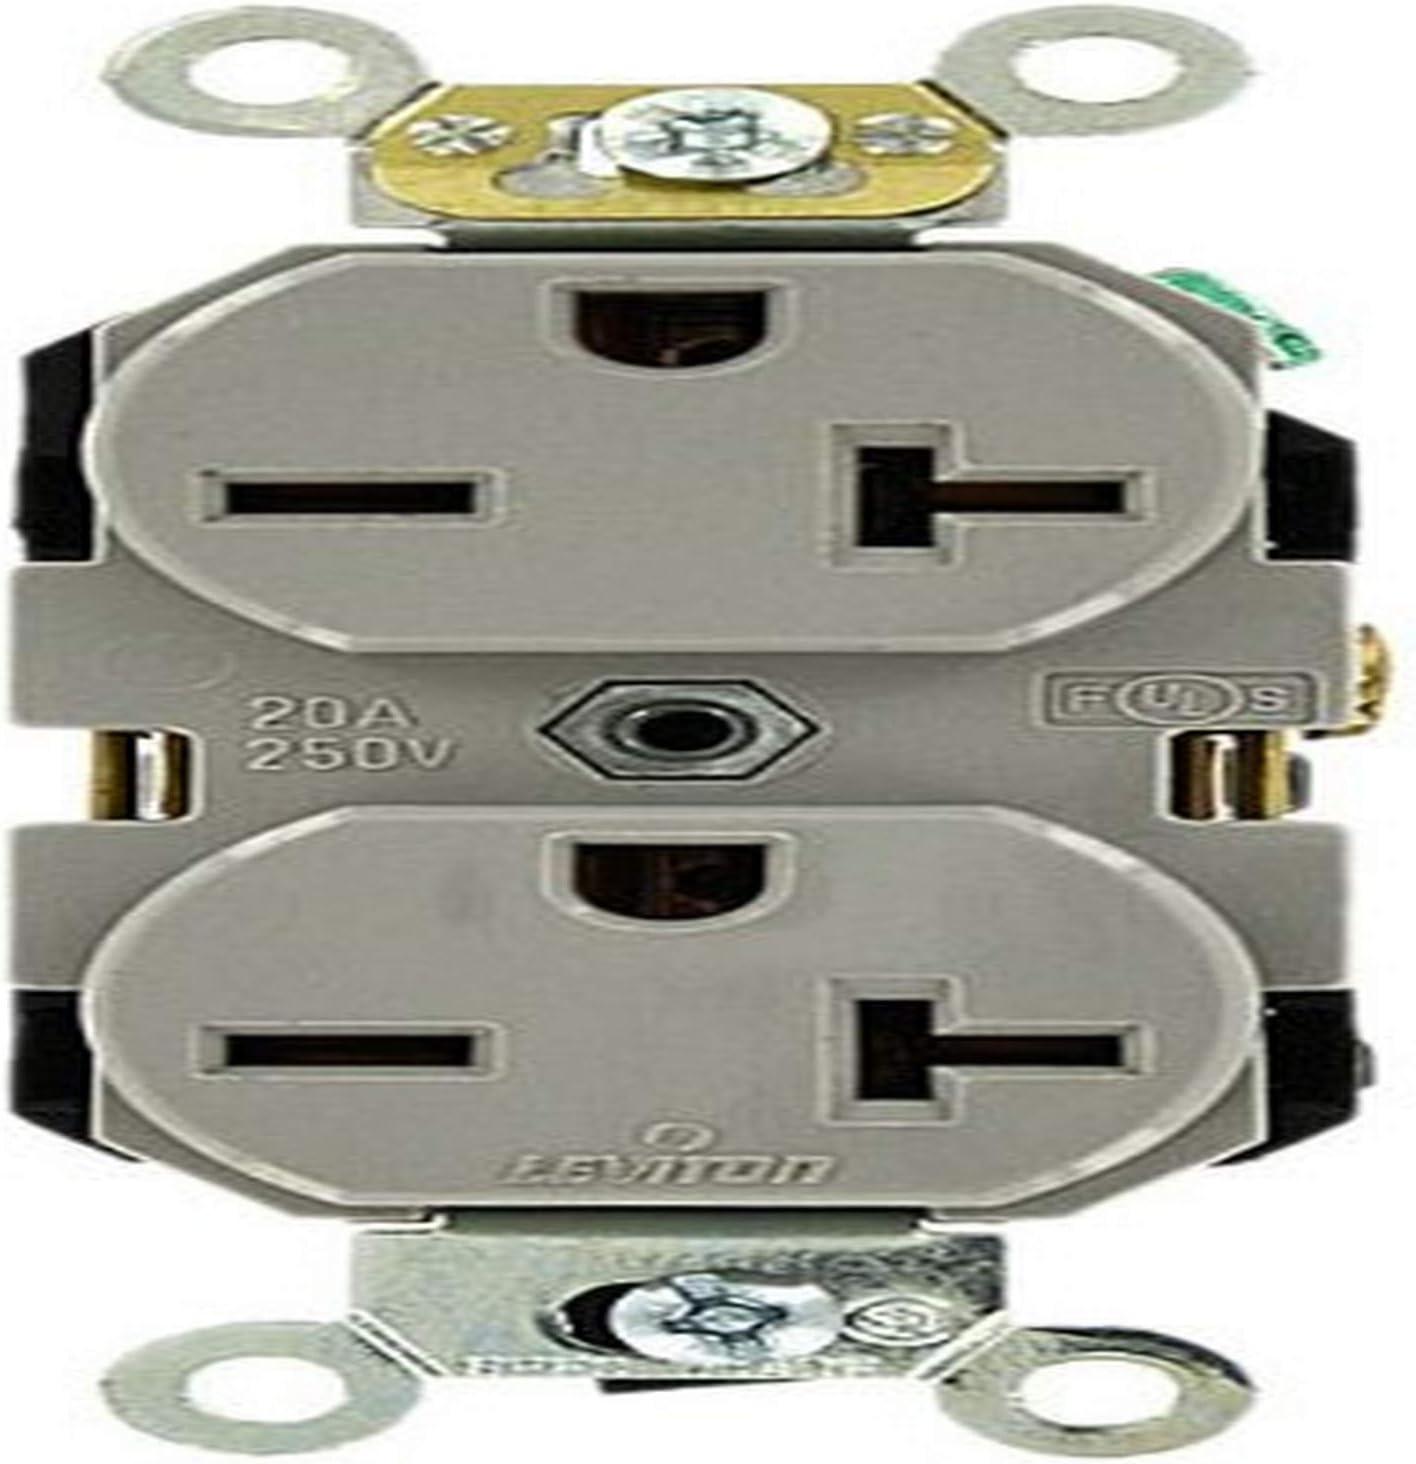 Leviton 5462-I 20 Amp 250 Volt Duplex Receptacle, Industrial Heavy Duty Grade